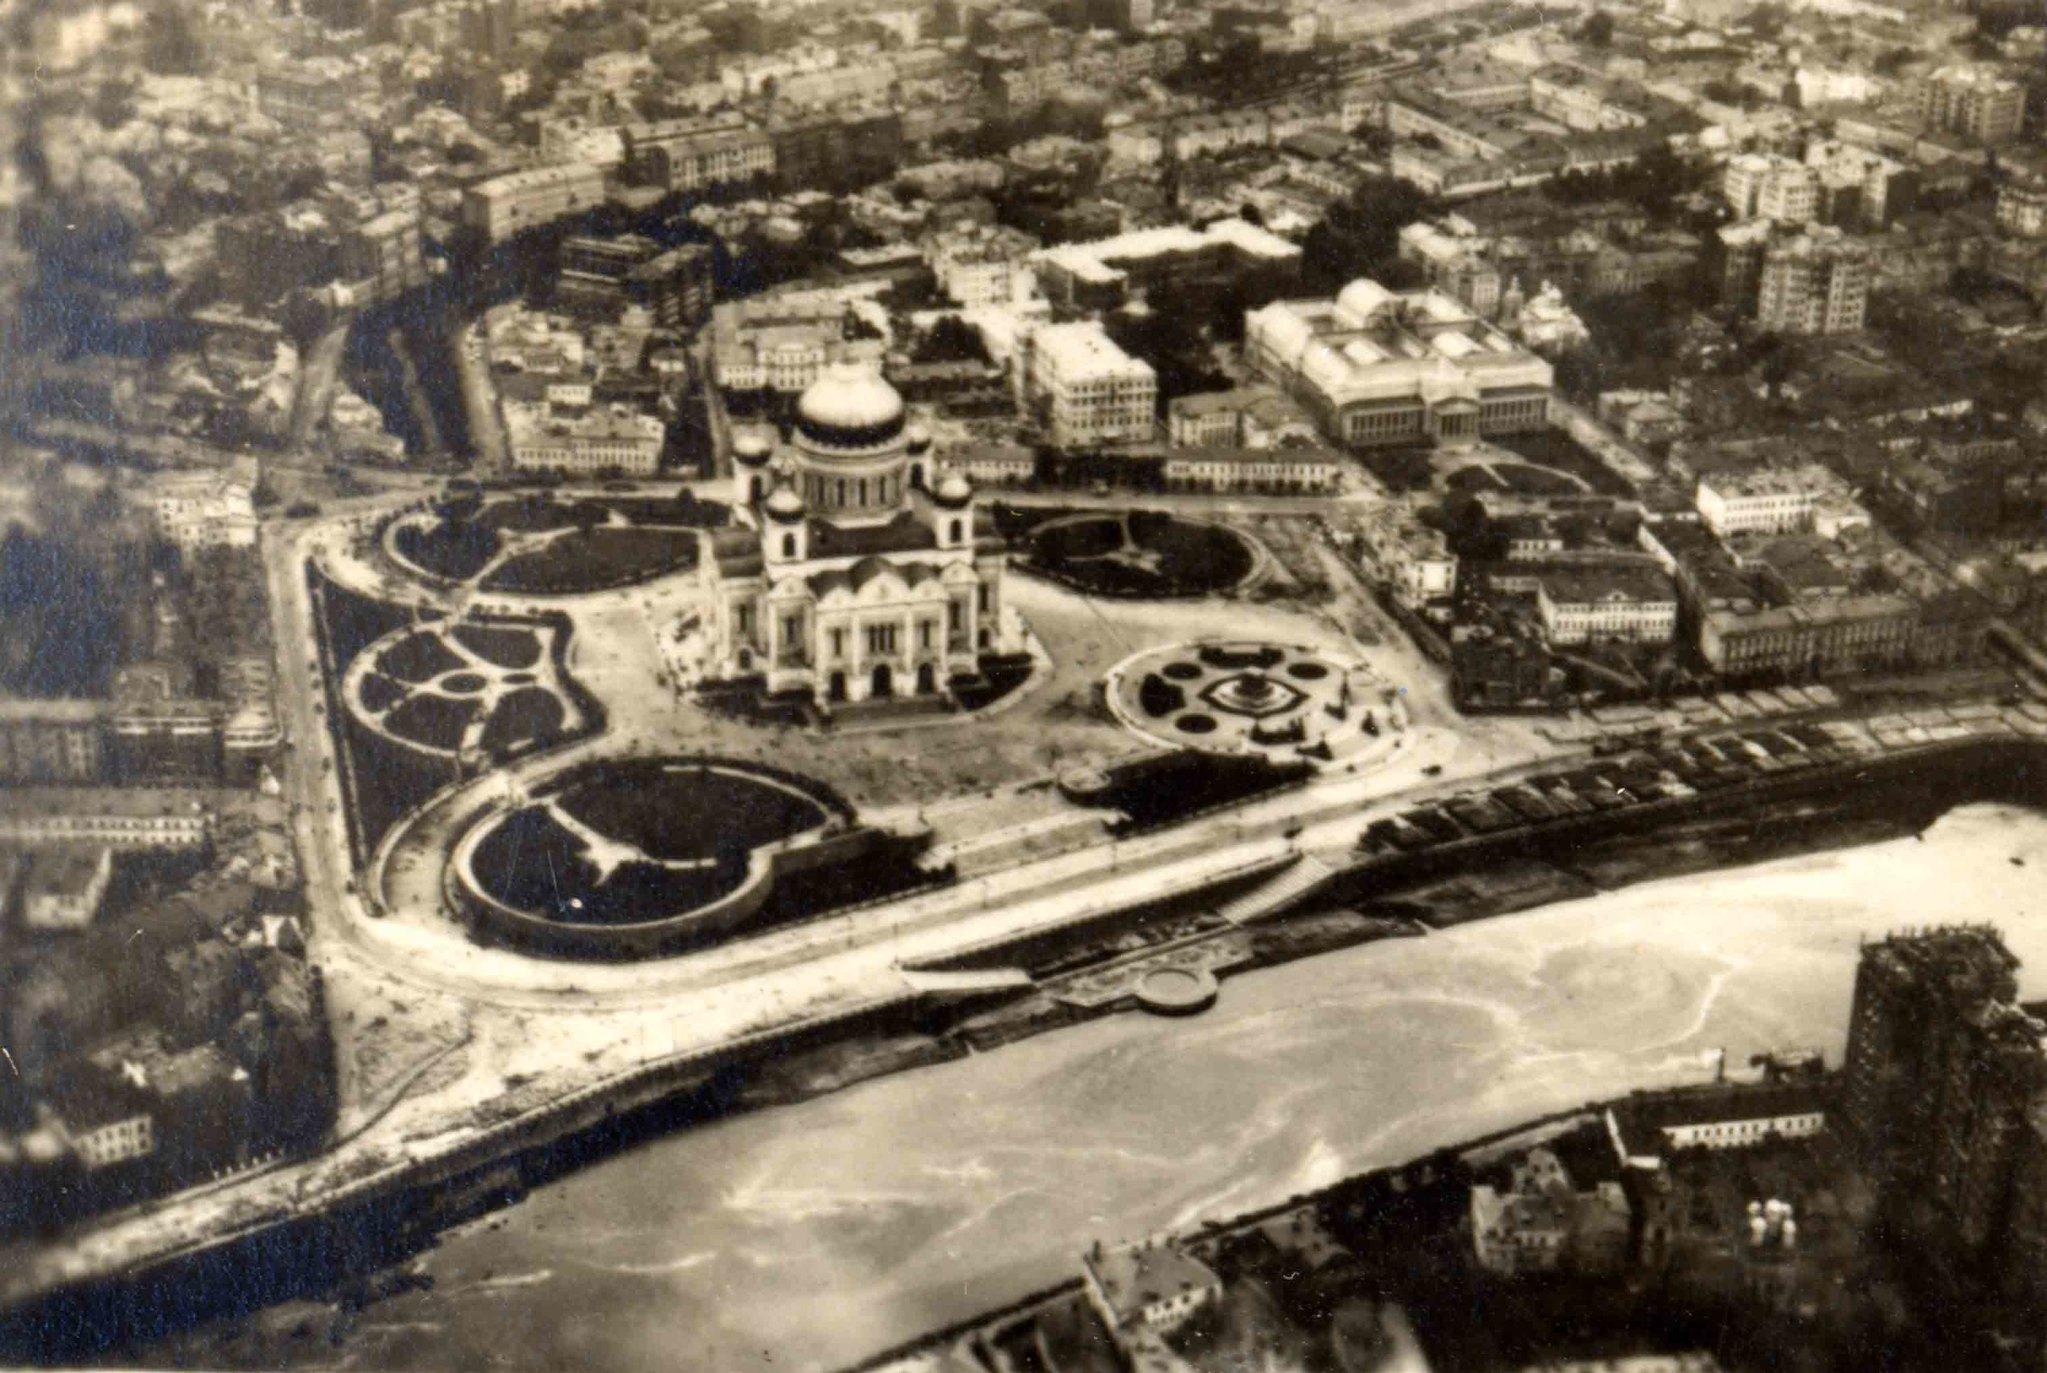 Москва. 10 сентября 1930 года в 9 часов утра с немецкого дирижабля. Храм Христа Спасителя, справа - пьедестал памятника Александру III